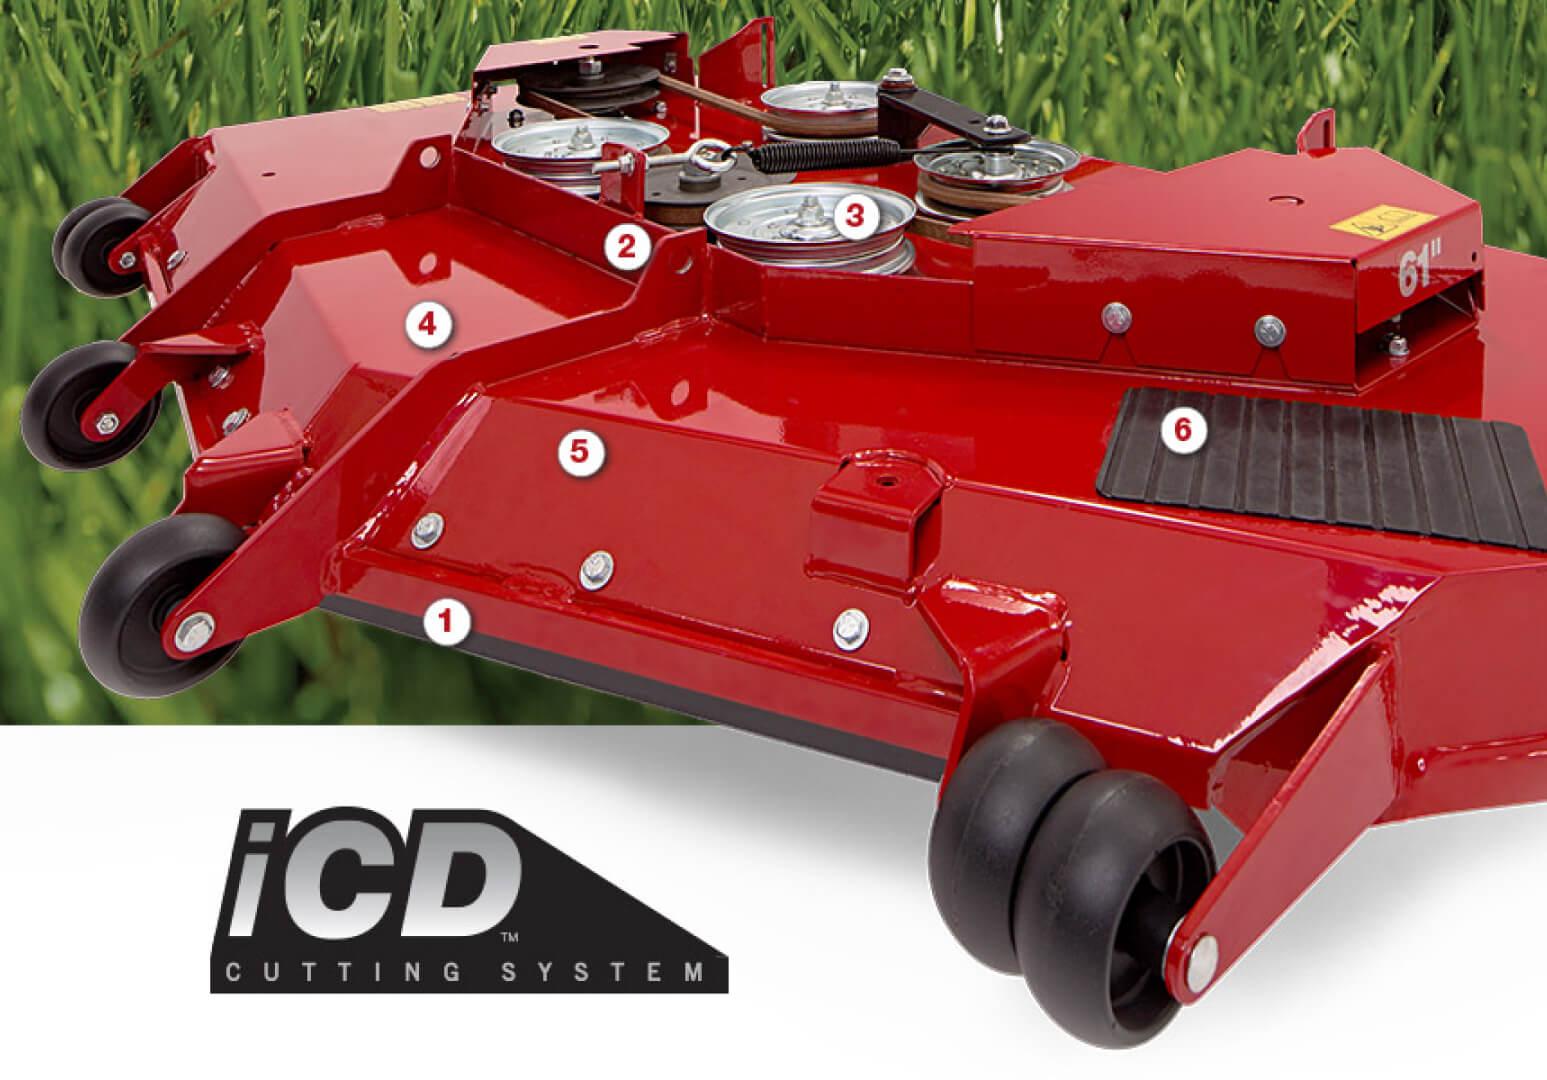 tecnologia-icd-ferris-agroclan